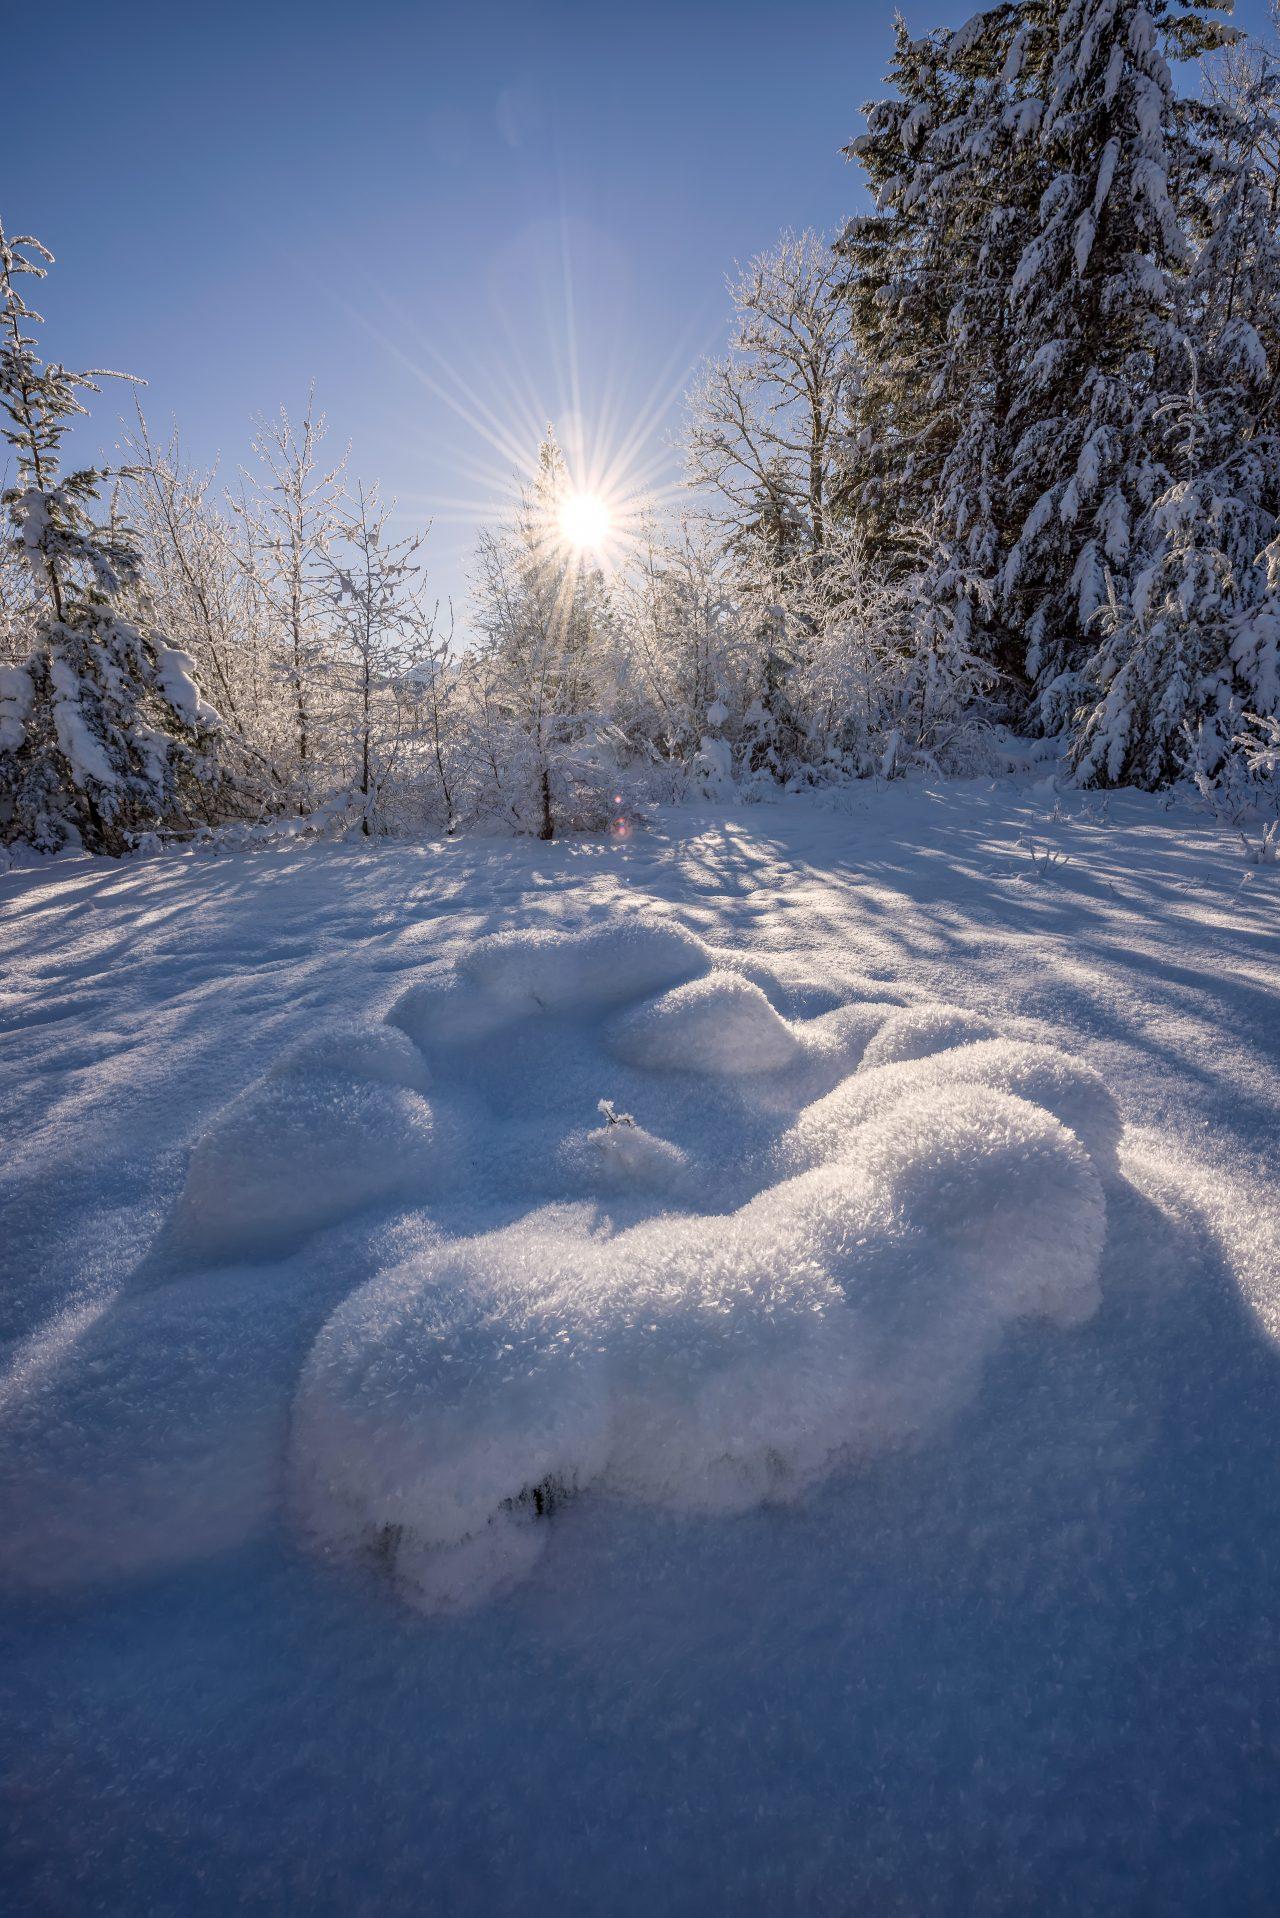 Squamish Bald Eagles : 2016-01-02 : Nikon D810 & Nikkor 14-24 : Frozen Landscape